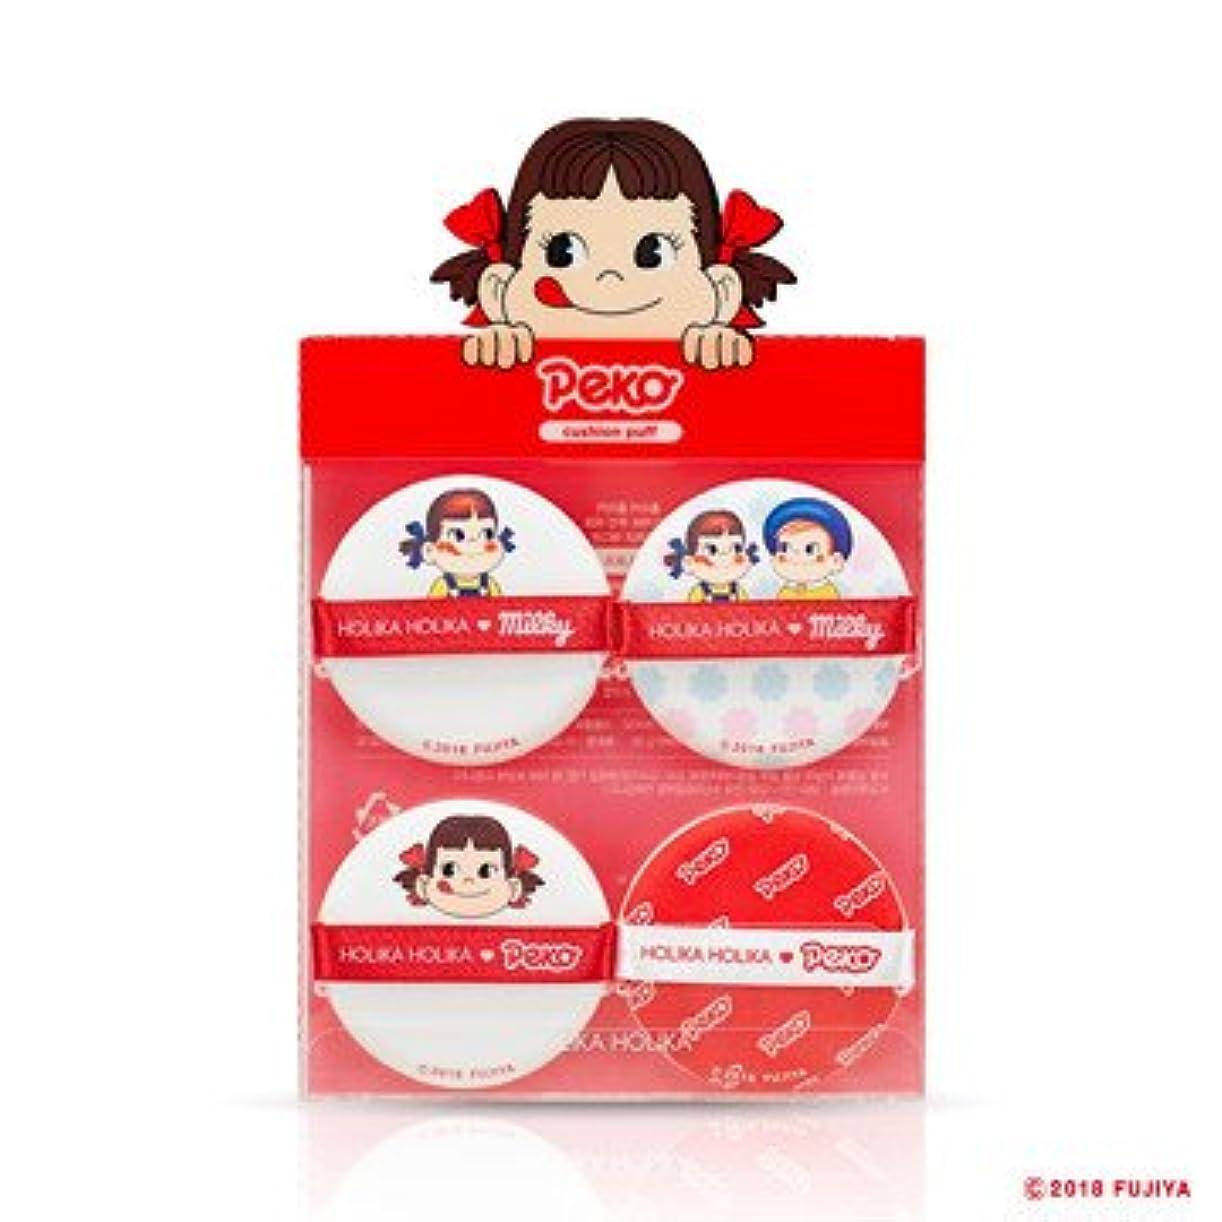 エピソードからに変化するトリクルHolika Holika [Sweet Peko Edition] Hard Cover Cushion Puff(4EA)/ホリカホリカ [スイートペコエディション] ハードカバークッションパフ (4枚入り) [並行輸入品]